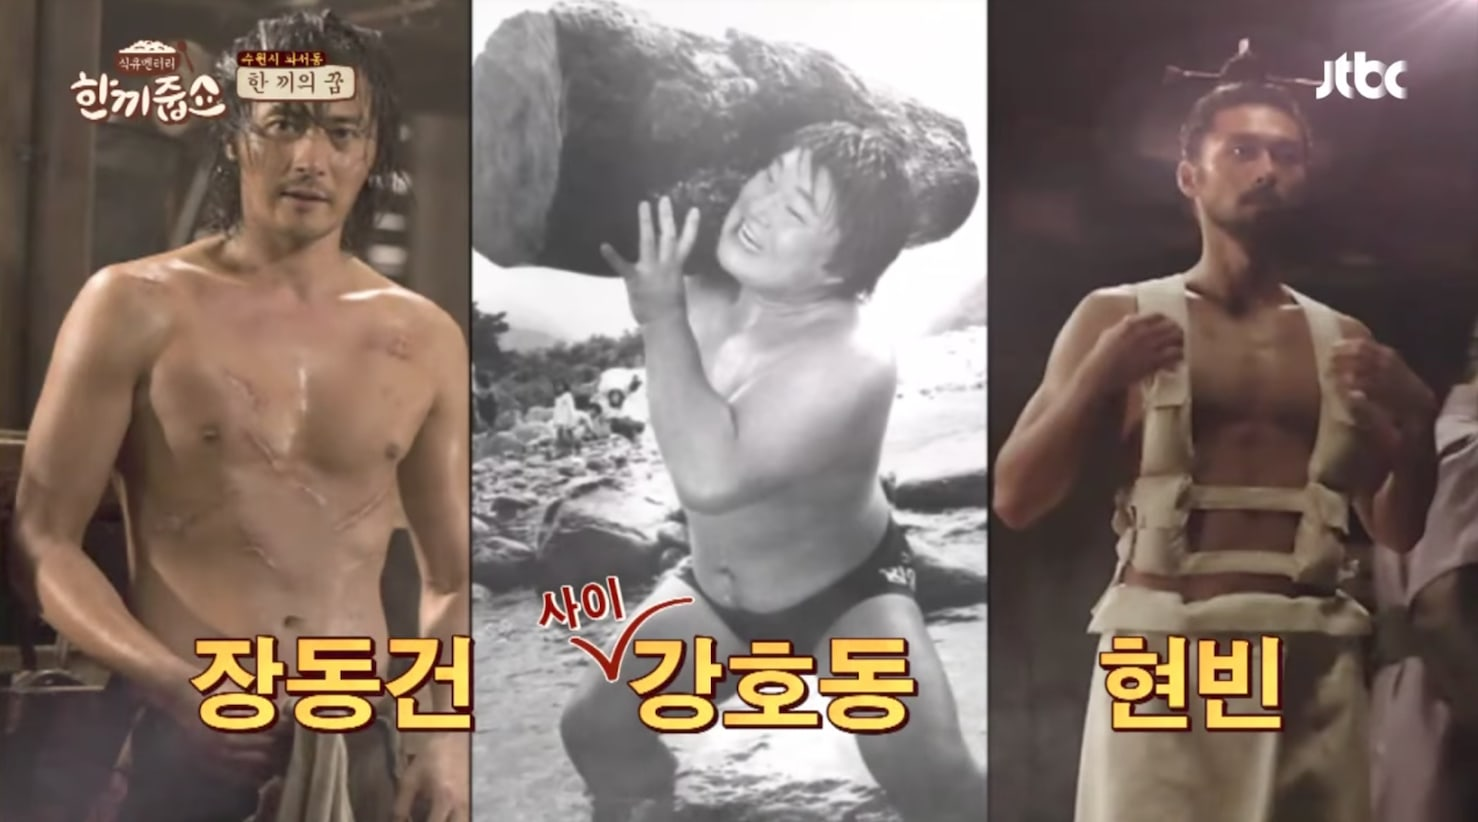 Watch: Kang Ho Dong Talks About Running Into Hyun Bin And Jang Dong Gun In The Sauna